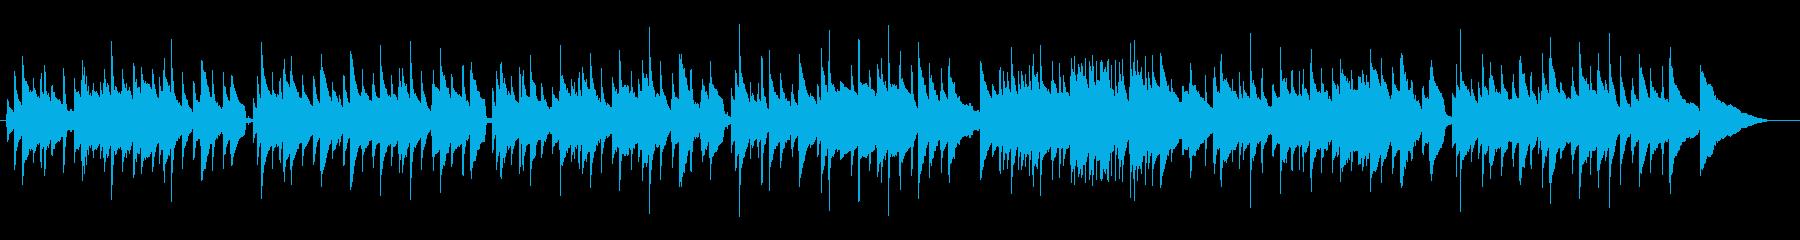 牧歌的なギター曲の再生済みの波形